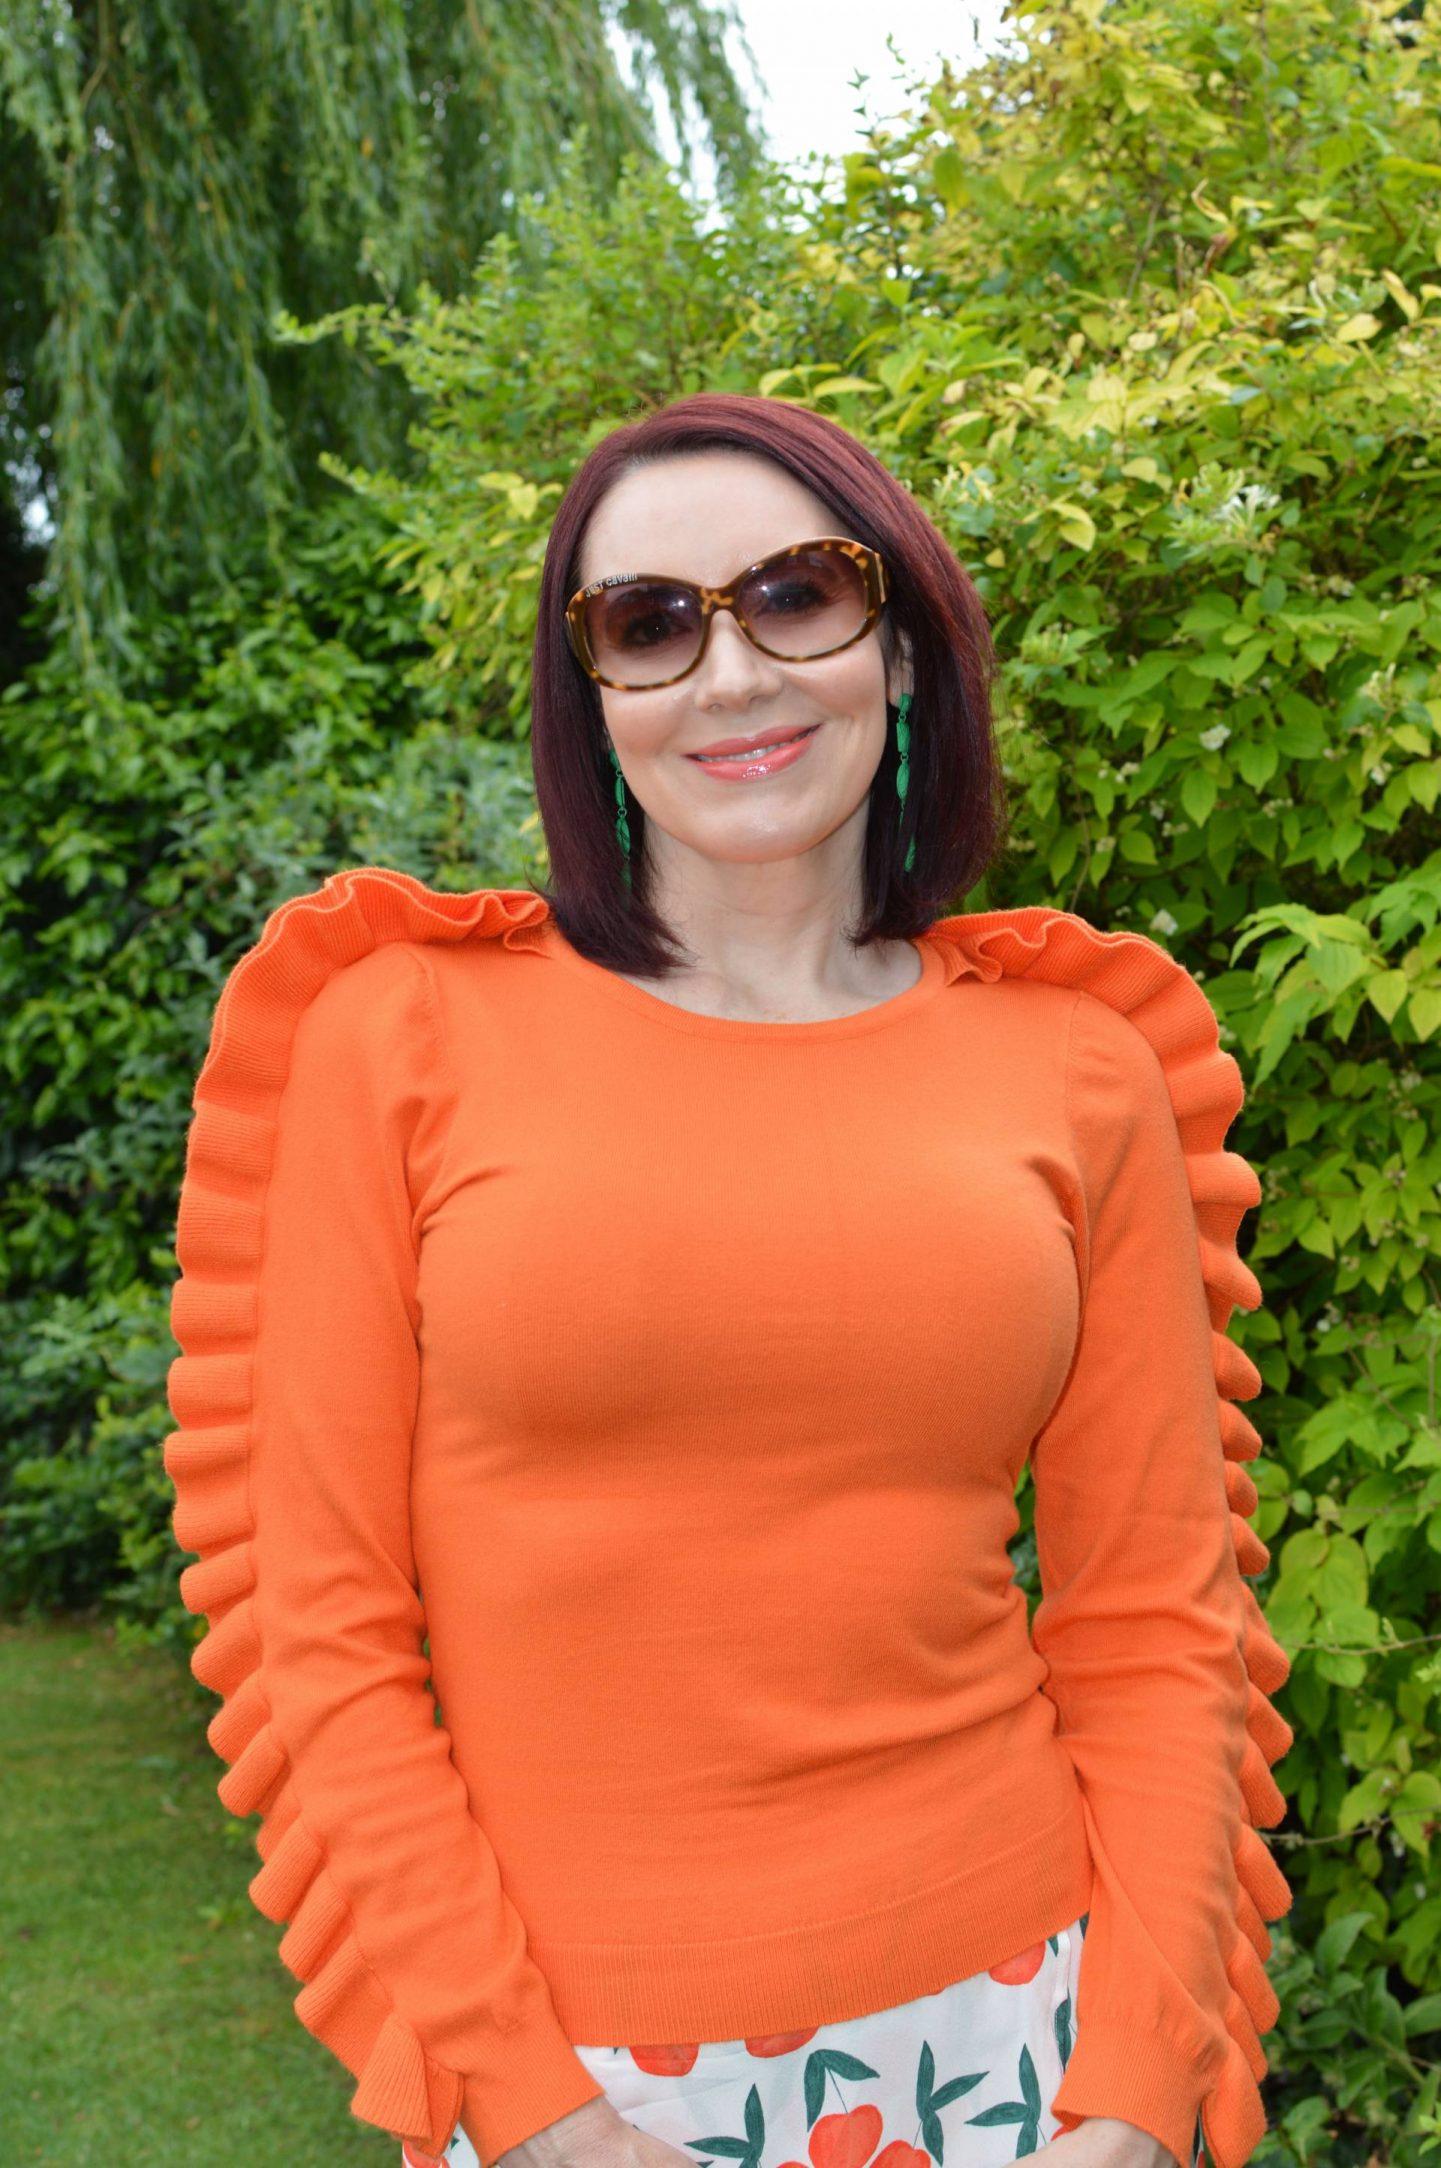 Karen Millen orange ruffle jumper